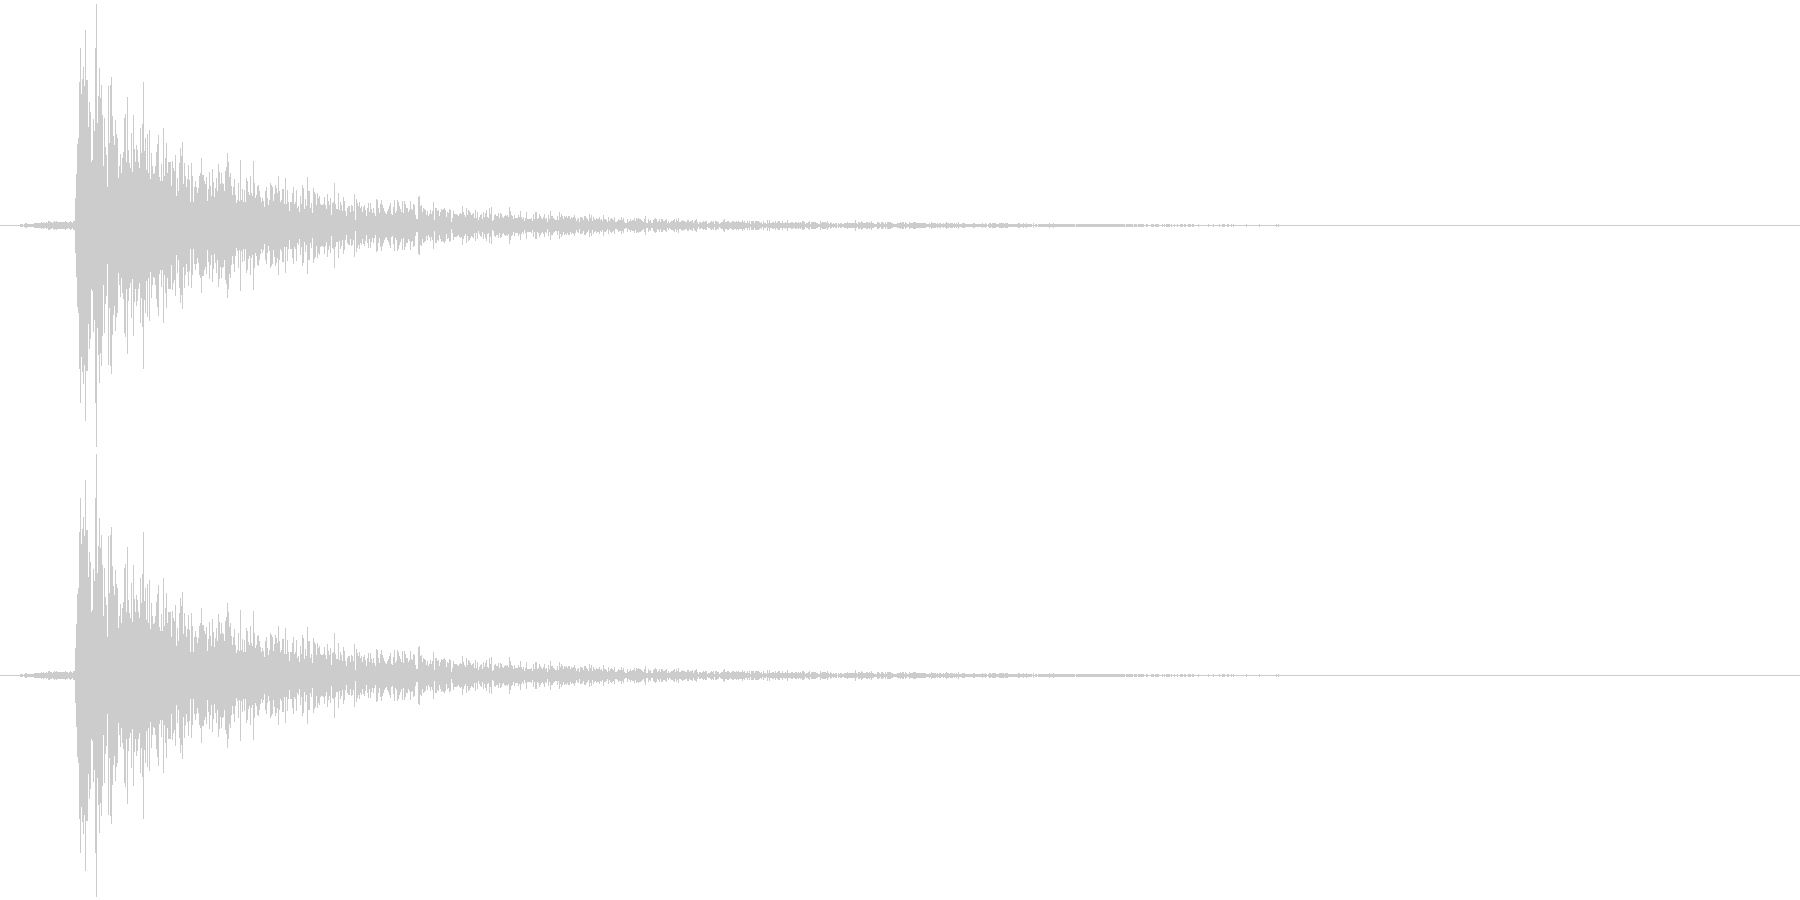 パンチの音1の未再生の波形